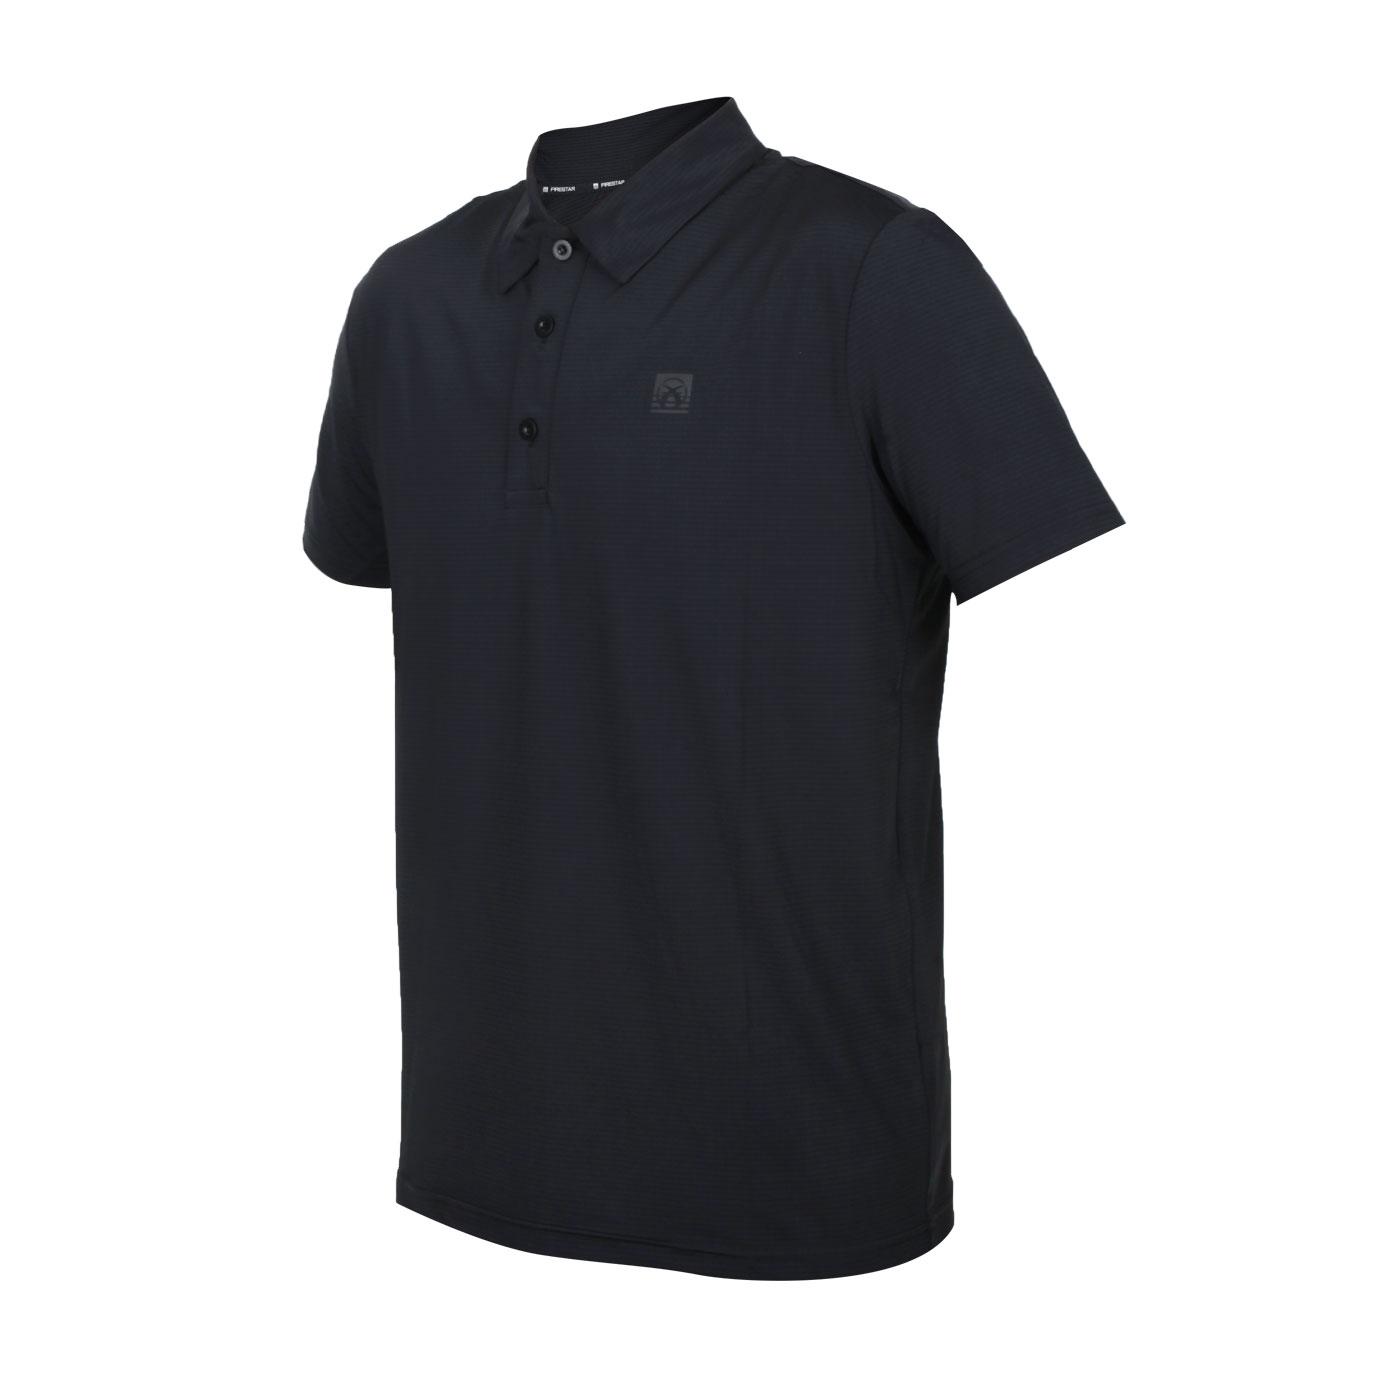 FIRESTAR 男款彈性機能短袖POLO衫 D1751-10